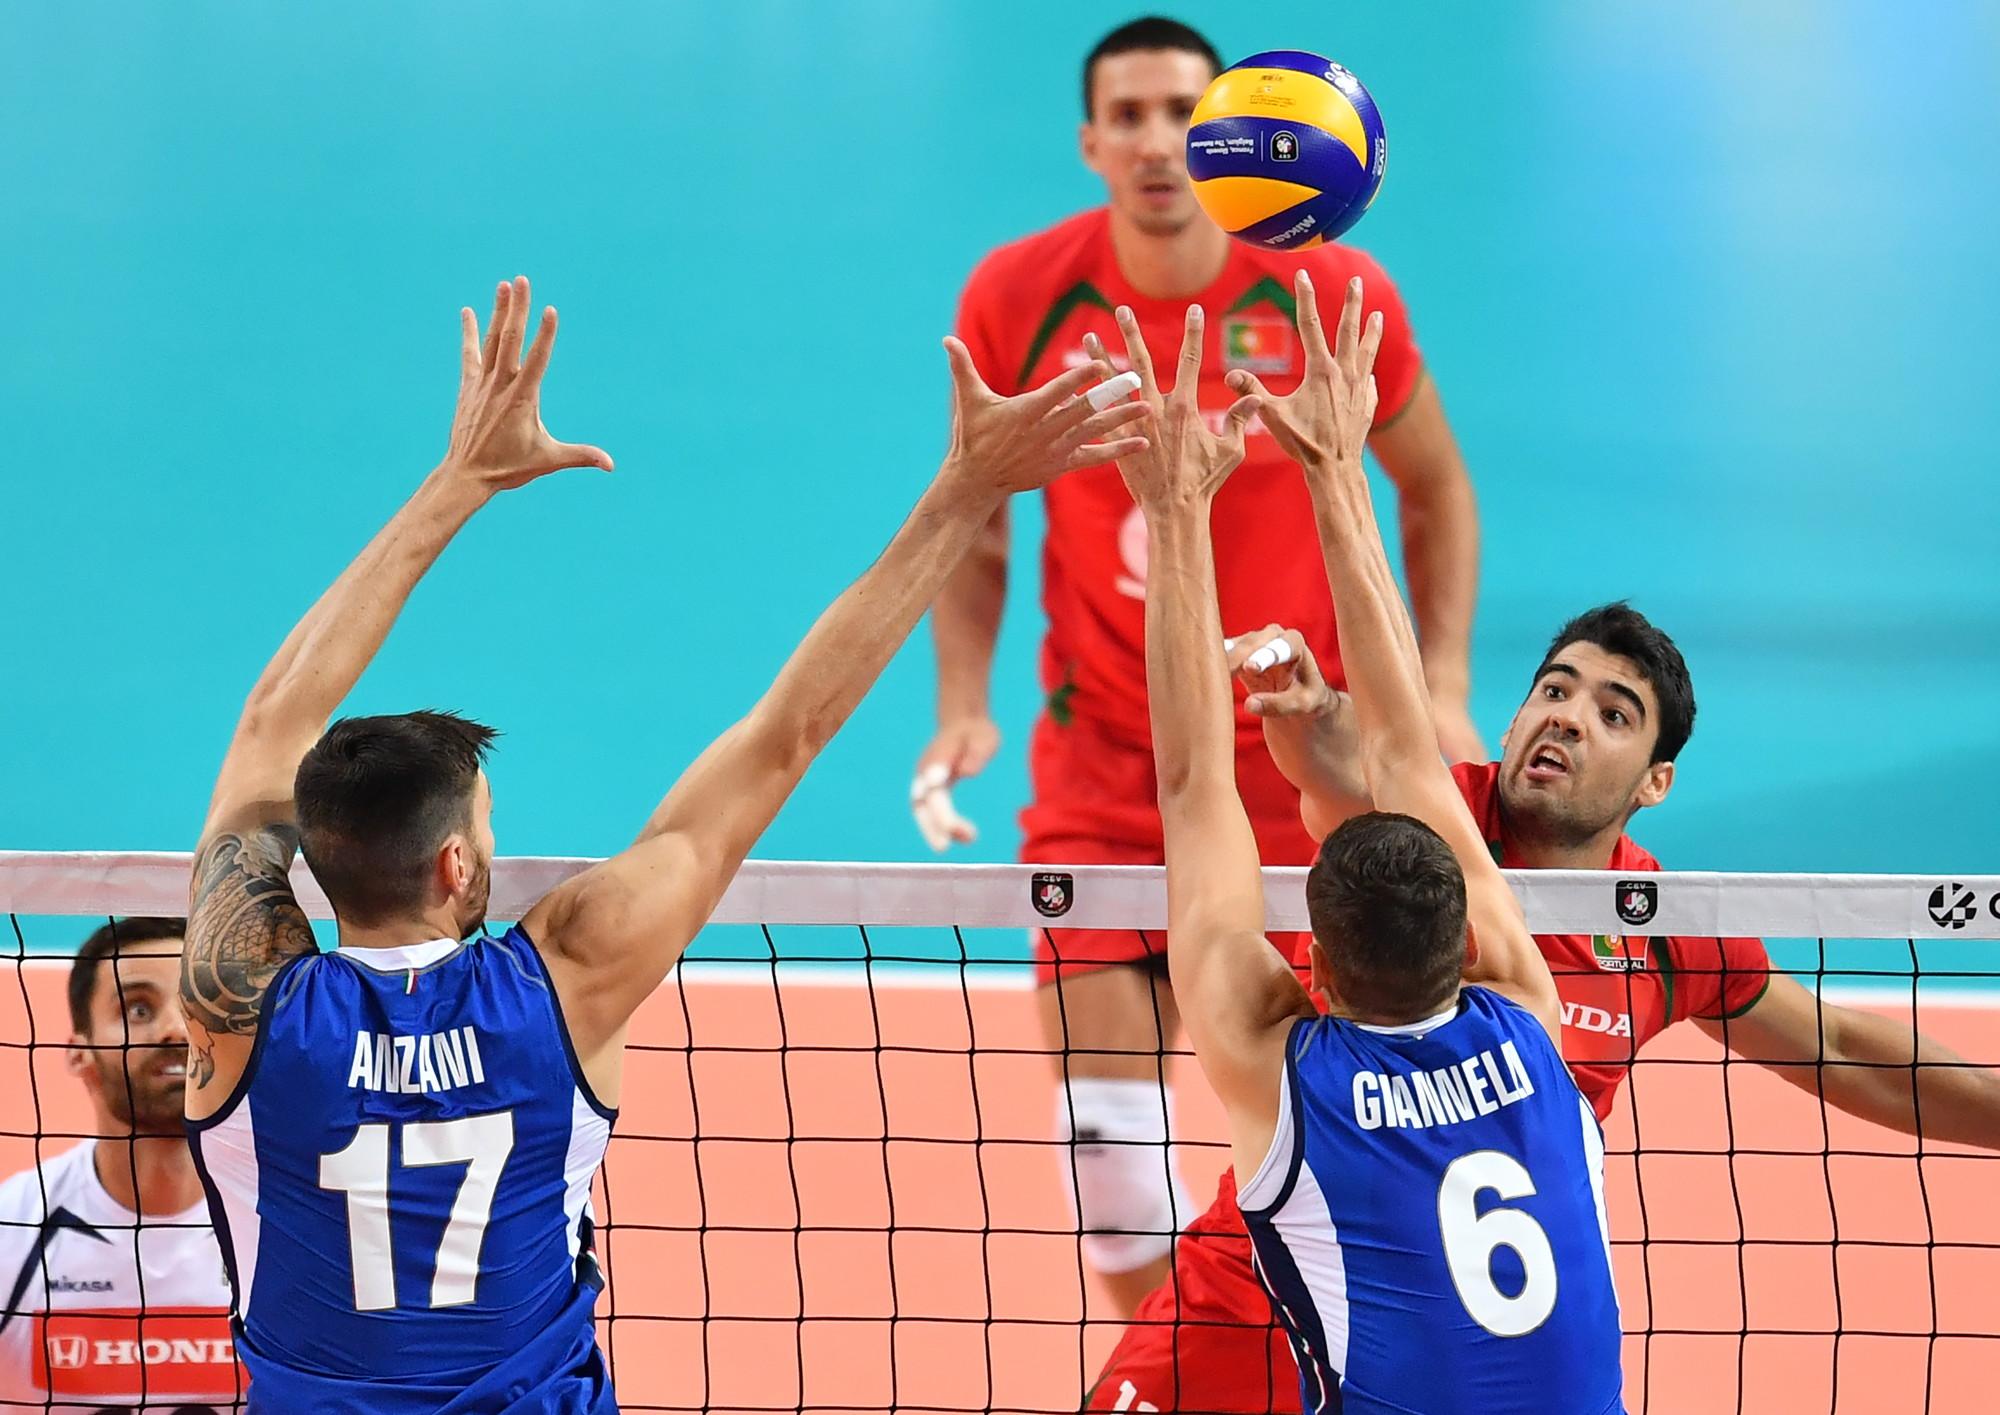 Nessun problema per l'Italia del ct Gianlorenzo Blengini all'esordio negli Europei 2019 di volley: il Portogallo viene infatti schiantato in t...